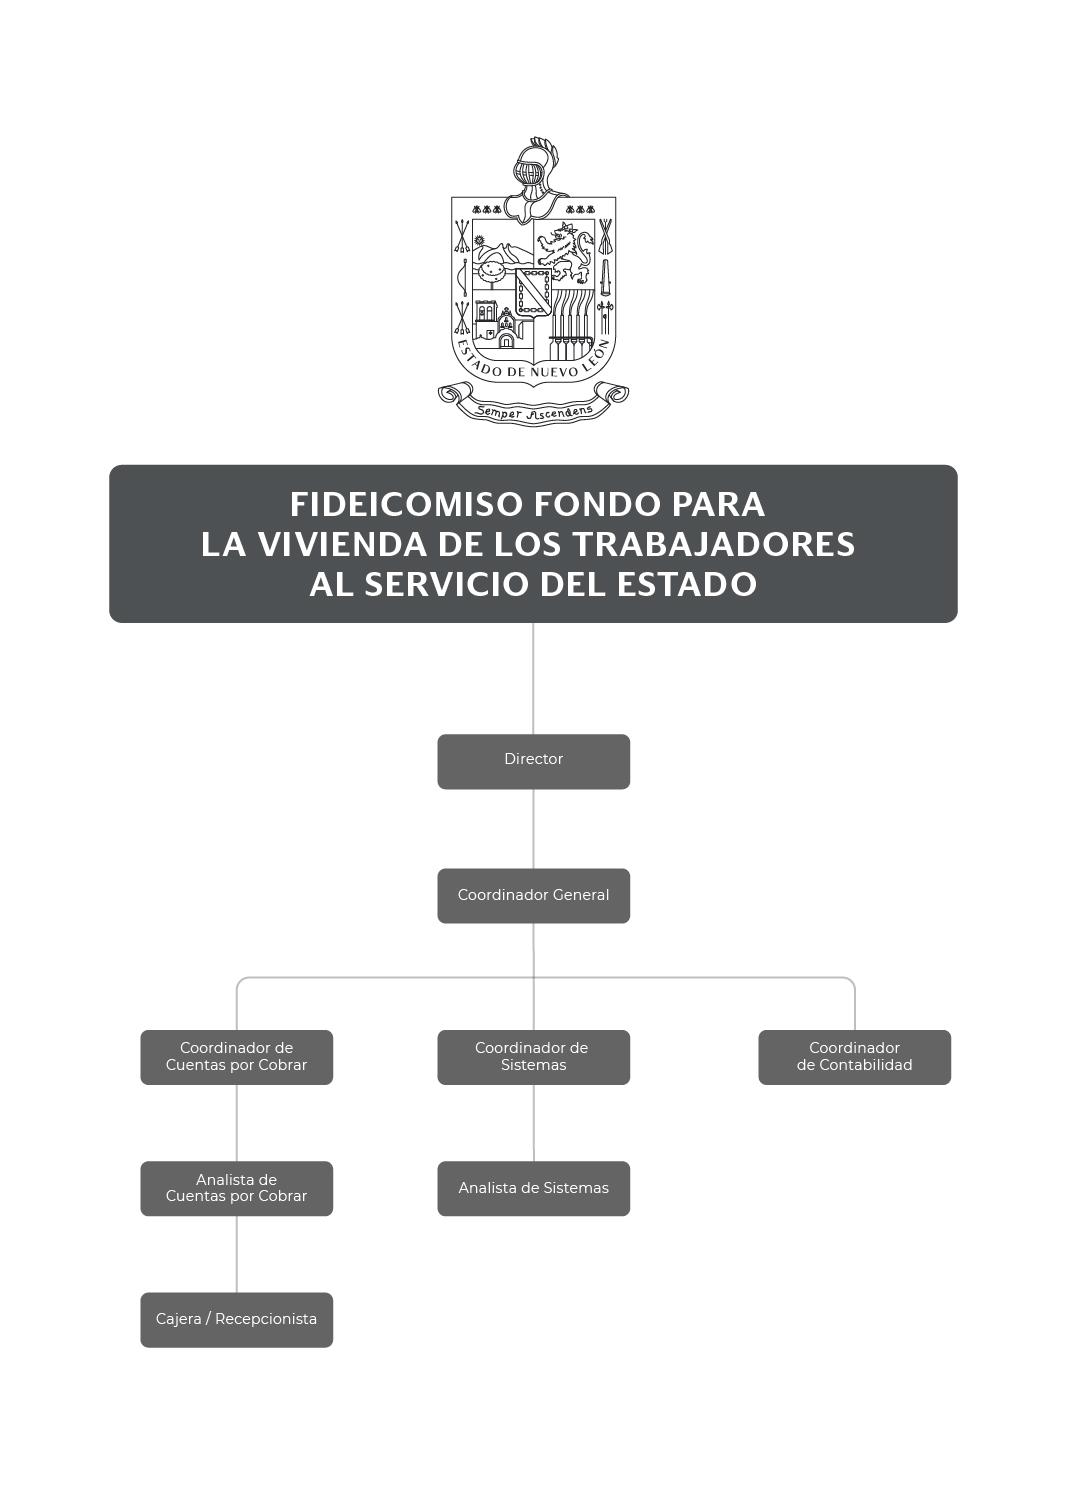 Organigrama del Fideicomiso Fondo para la Vivienda de los Trabajadores al Servicio del Estado